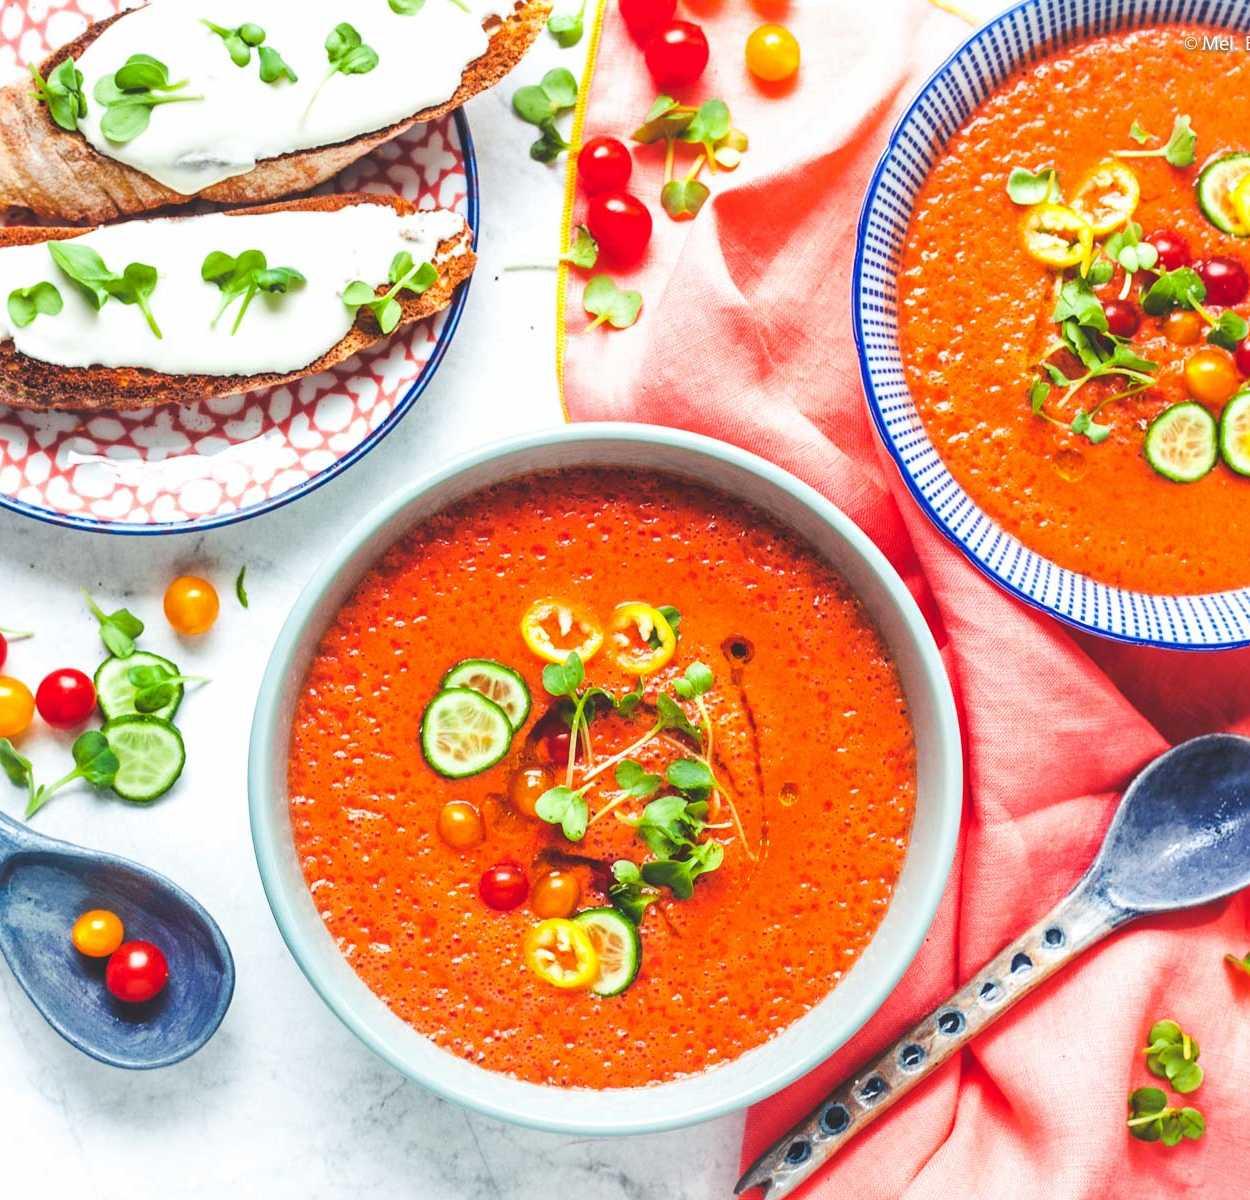 Erfrischendes Melonen-Tomaten-Süppchen mit Ziegenkäse-Crostini  GourmetGuerilla.de